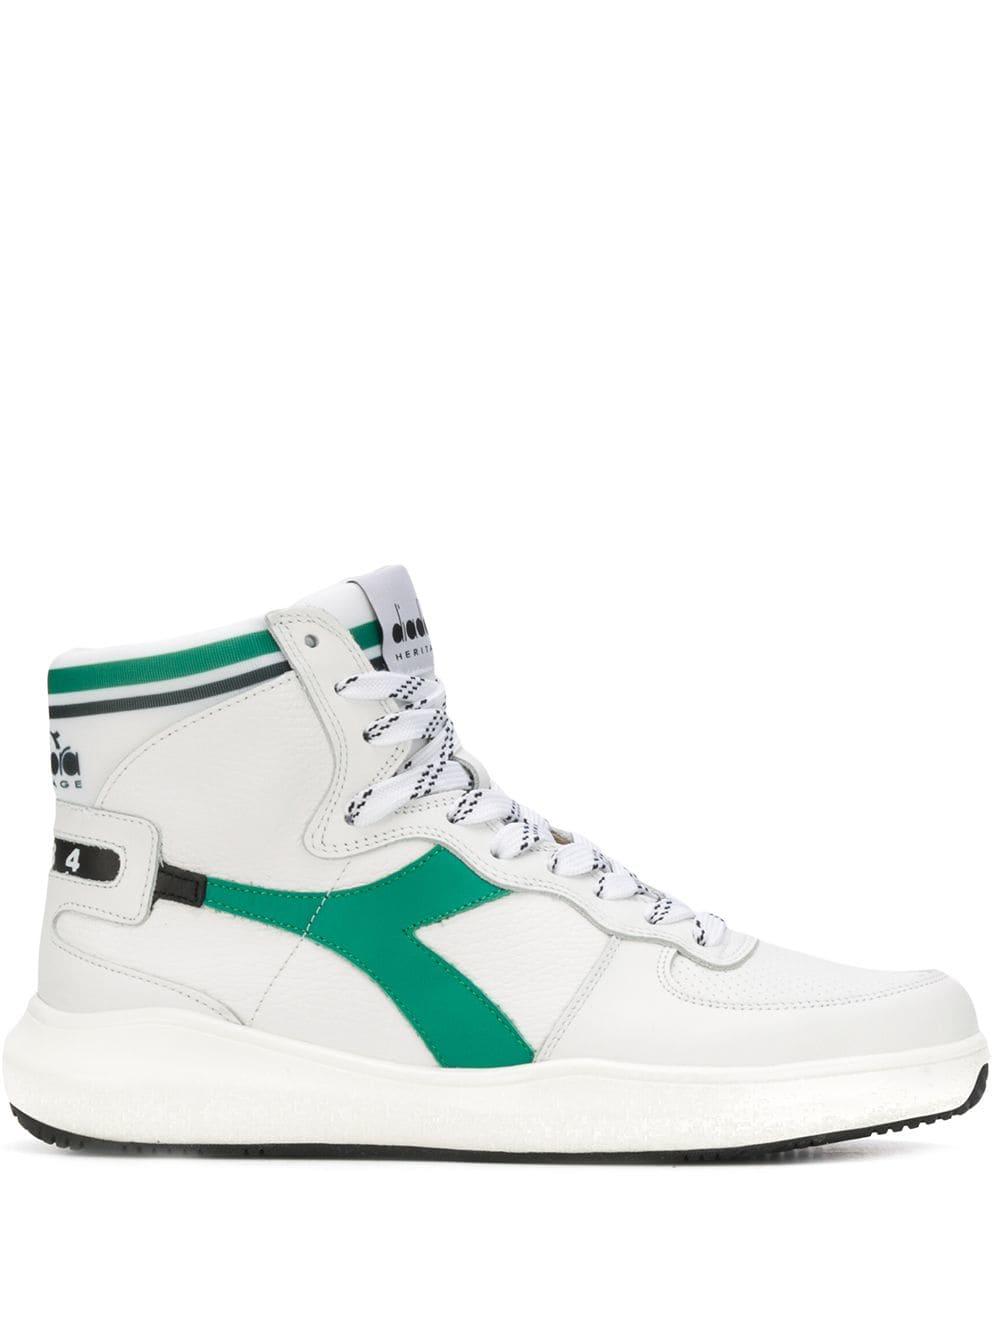 941d1528 DIADORA DIADORA MI BASKET HI-TOP SNEAKERS - WHITE. #diadora #shoes ...